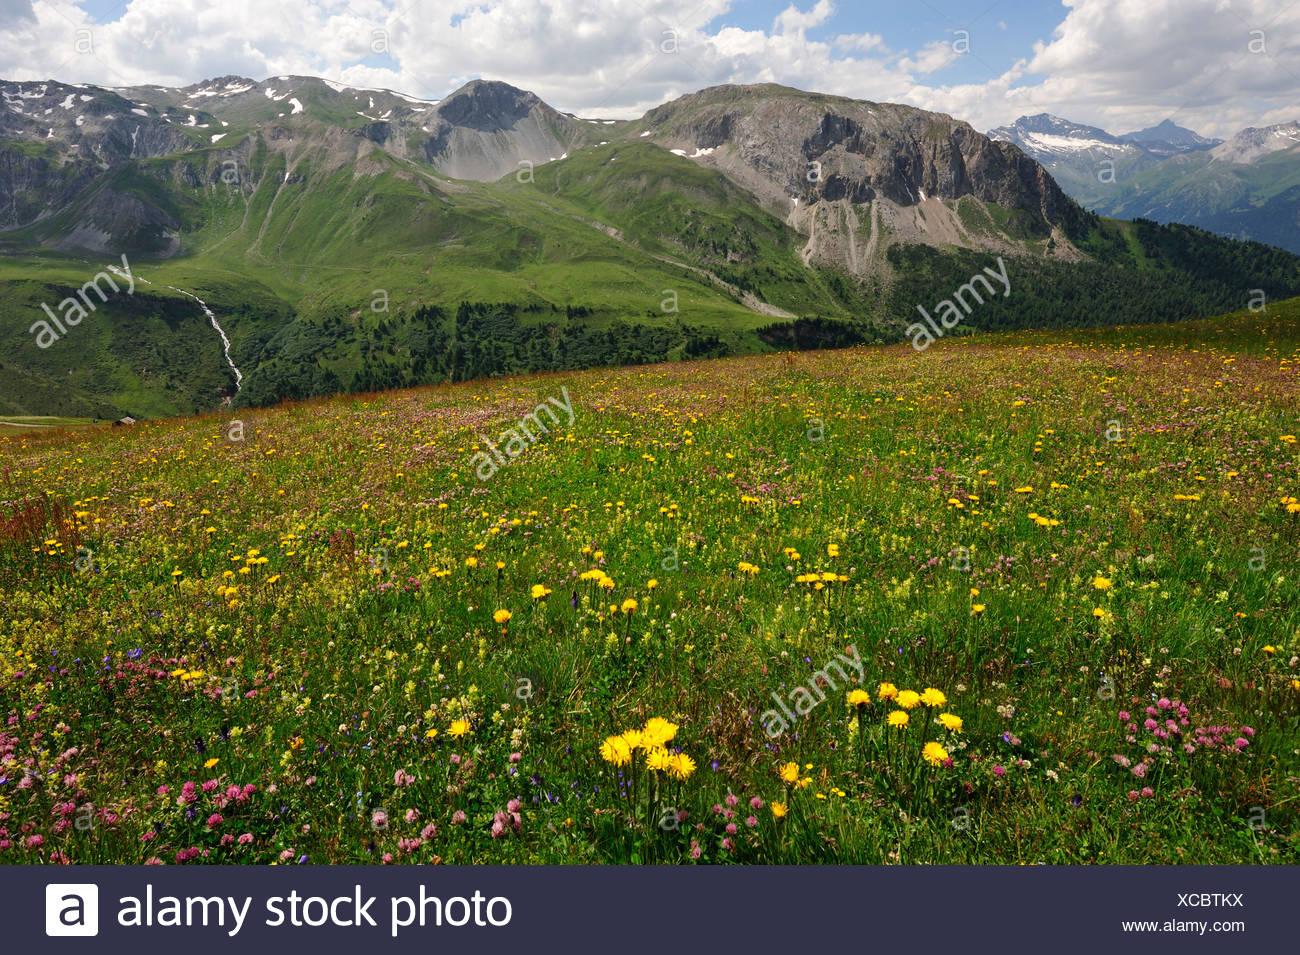 Alpine meadow flower pattern alpine flowers alpine pasture flowers blossoms plants alpine plants Curtginatsch mountains Piz - Stock Image